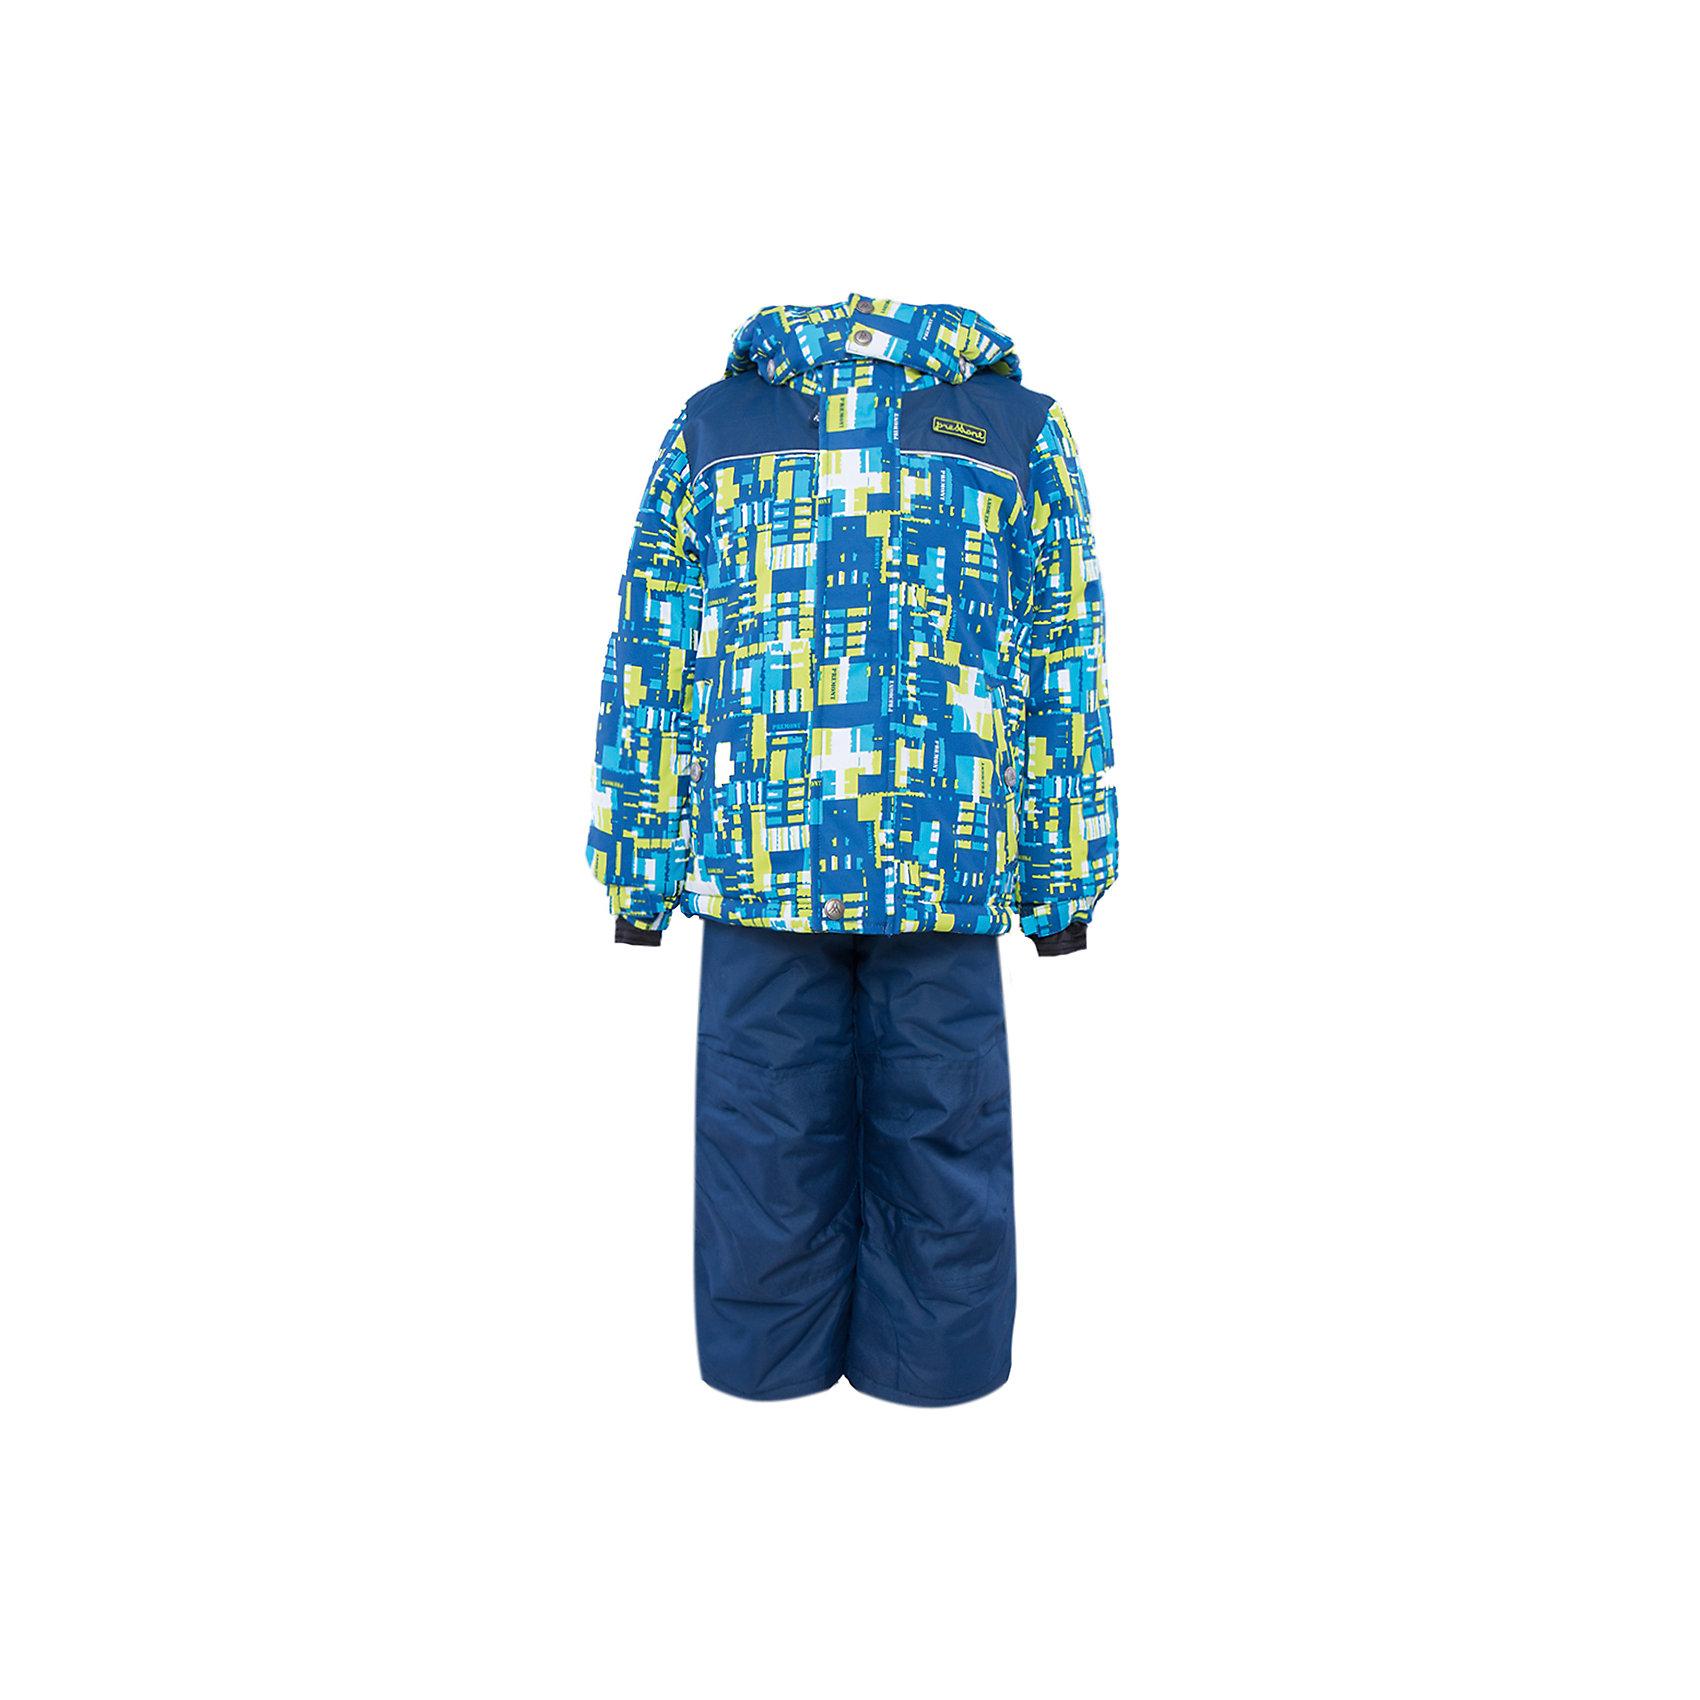 Комплект: куртка и брюки для мальчика PremontКомплект: куртка и брюки для мальчика от известного бренда Premont.<br>Лонглит – самый длинный лабиринт в мире, прогулка по его дорожкам – не только удовольствие, но и непростая головоломка, проверка сообразительности. Данный принт, непременно заставит ребенка включить свое воображение и фантазию.<br>Брюки до 6 лет идут с высокой грудкой, после 6 лет - с отстегивающейся спинкой.<br>Состав:<br>Ткань верха: мембрана 5000мм/5000г/м2/24h, Taslan<br>Подклад: Polarfleece (тело, капюшон, манжеты), Taffeta (брюки, рукава, снежная юбка) Утеплитель: Tech-polyfill (куртка 280г, брюки 180г)<br><br>Ширина мм: 356<br>Глубина мм: 10<br>Высота мм: 245<br>Вес г: 519<br>Цвет: синий<br>Возраст от месяцев: 18<br>Возраст до месяцев: 24<br>Пол: Мужской<br>Возраст: Детский<br>Размер: 92,164,140,128,122,120,116,110,104,100,98<br>SKU: 4996818